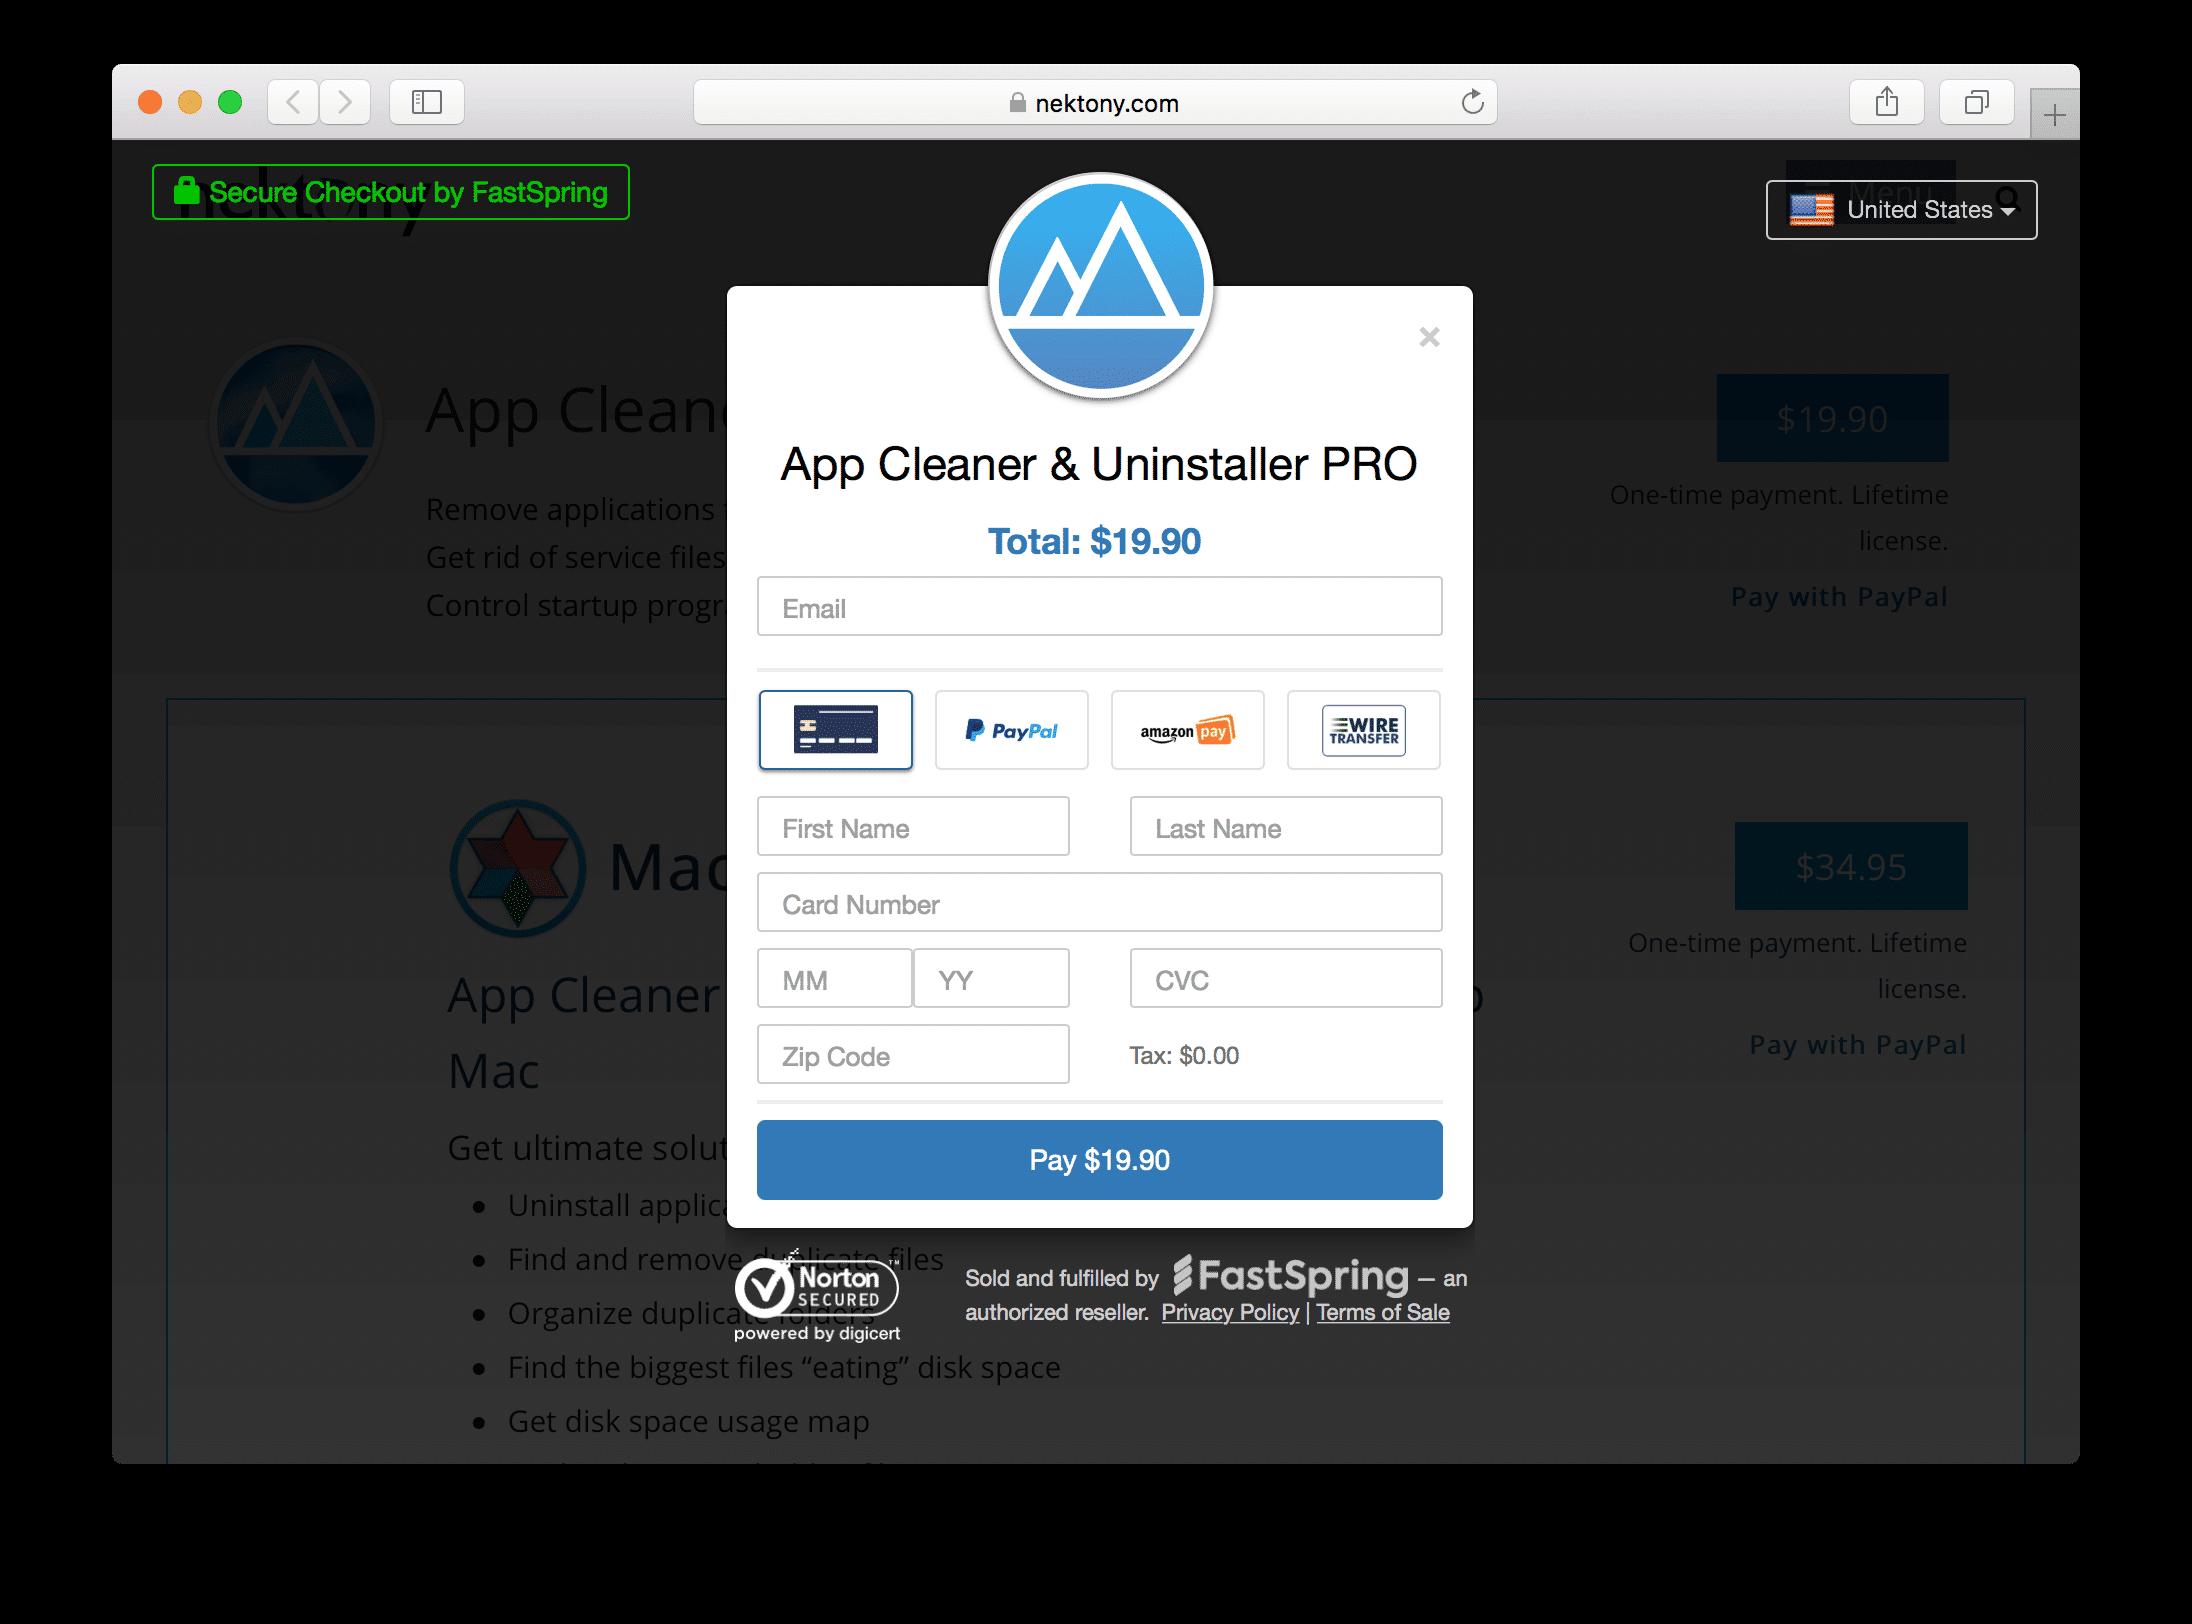 App Cleaner Uninstaller payment popup